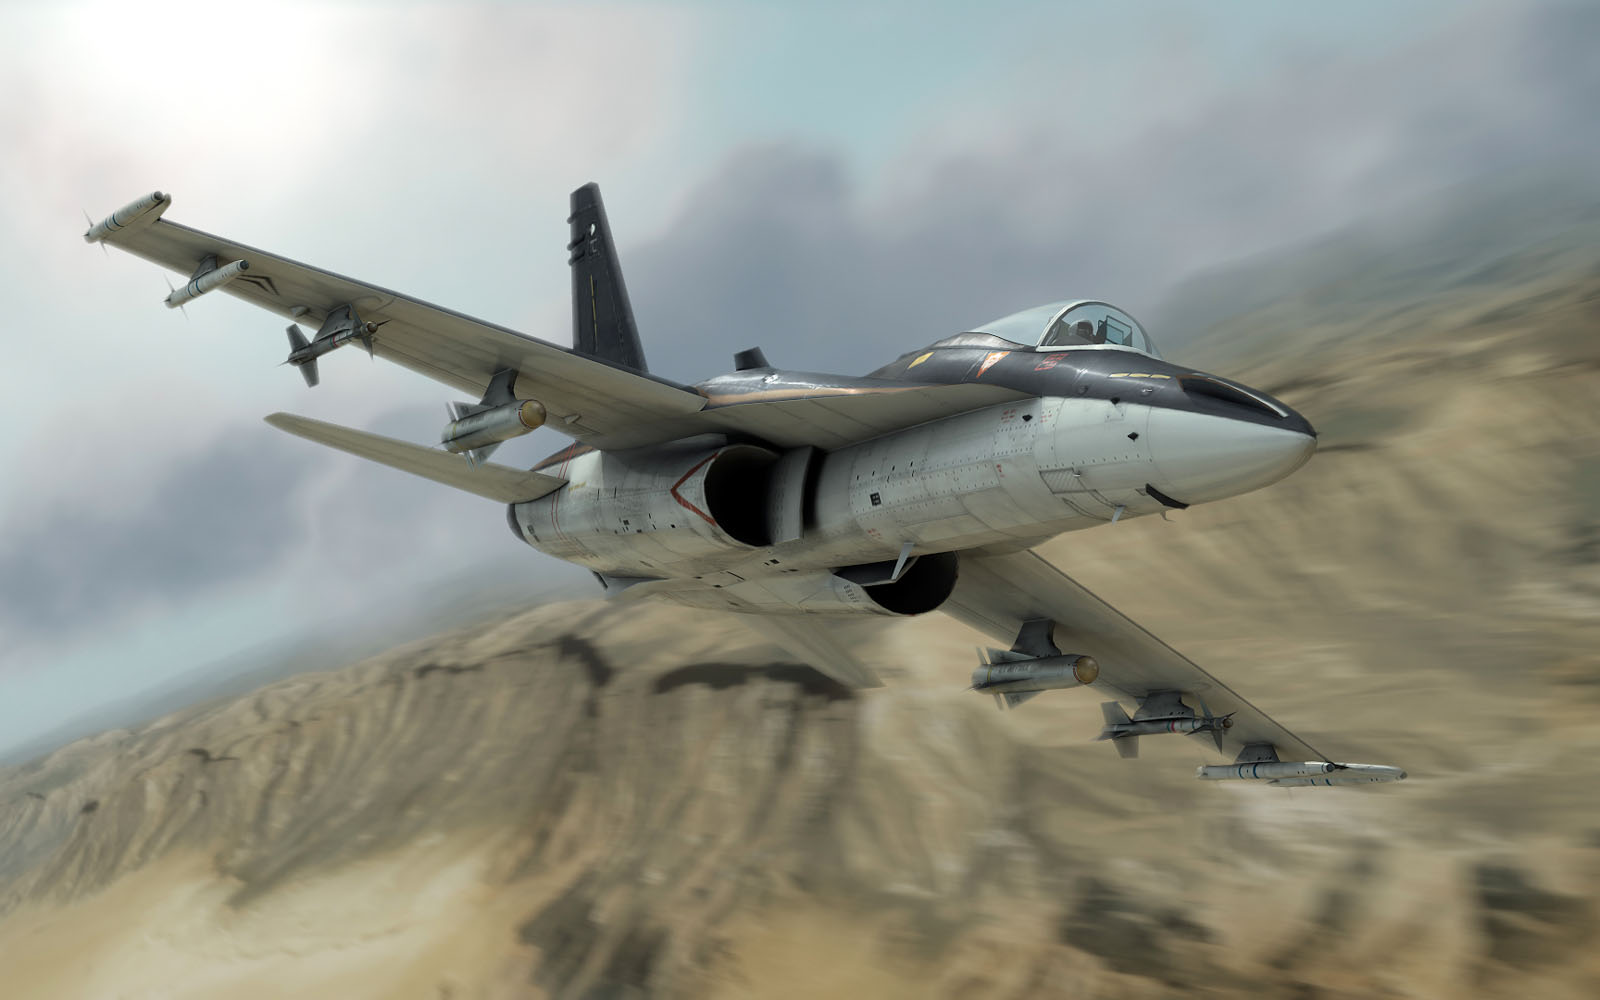 fa 18 hornet aircraft wallpapers mcdonnell douglas fa 18 hornet 1600x1000